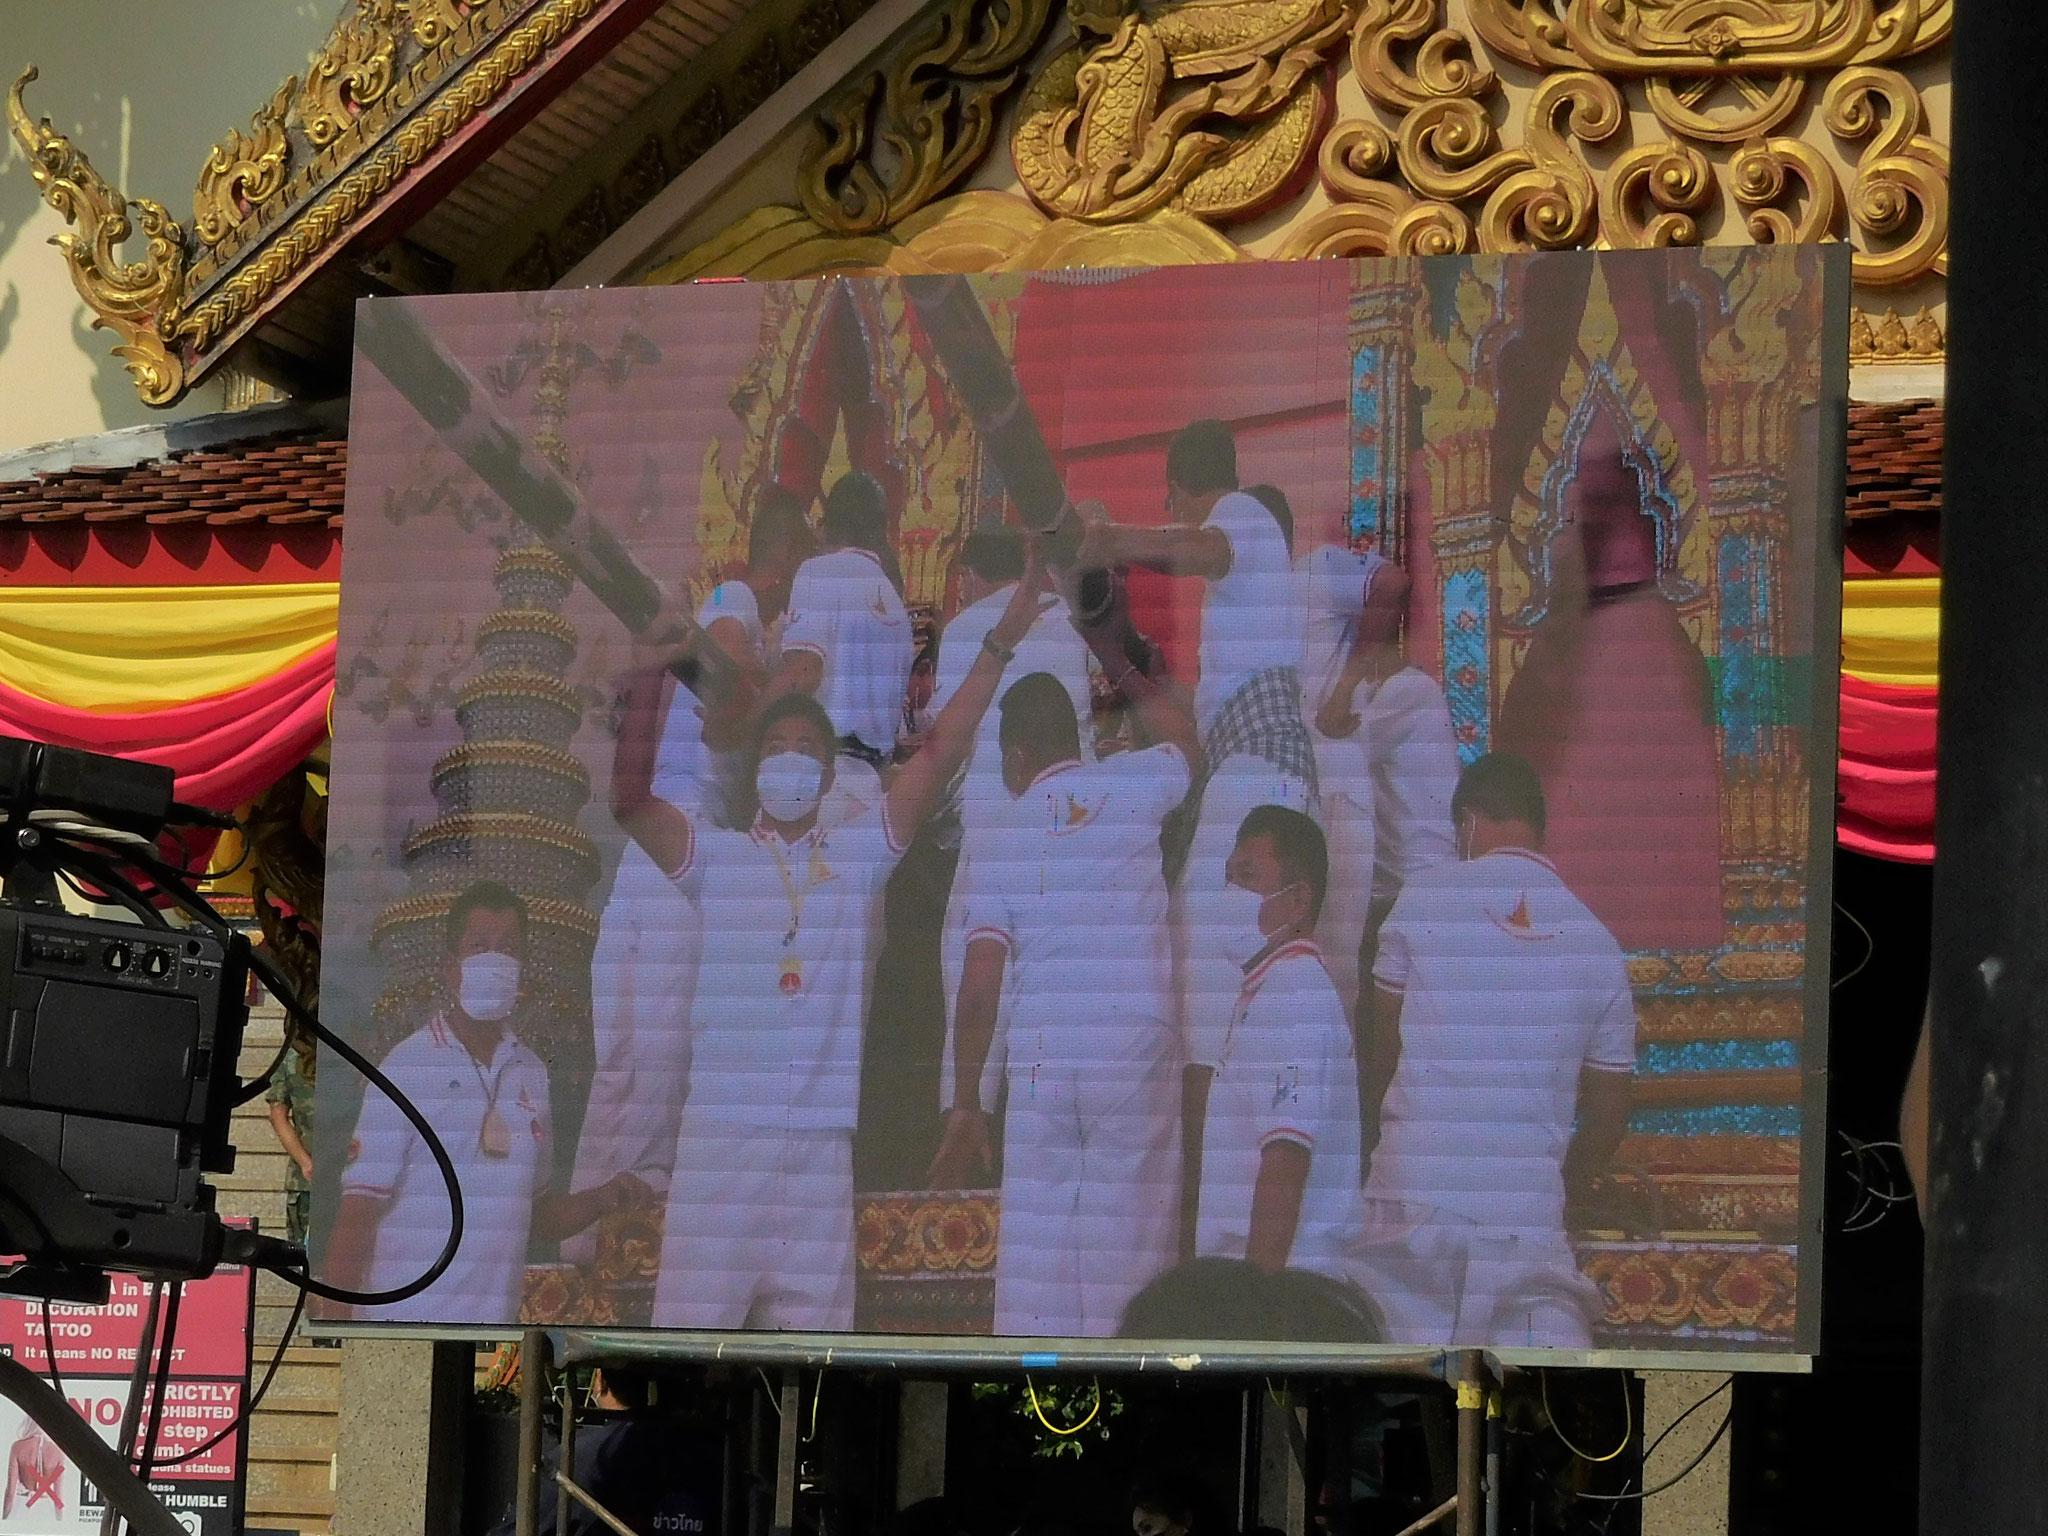 Videoübertragung zur Vorbereitung des Buddhas, damit er aus dem Tempel getragen werden kann